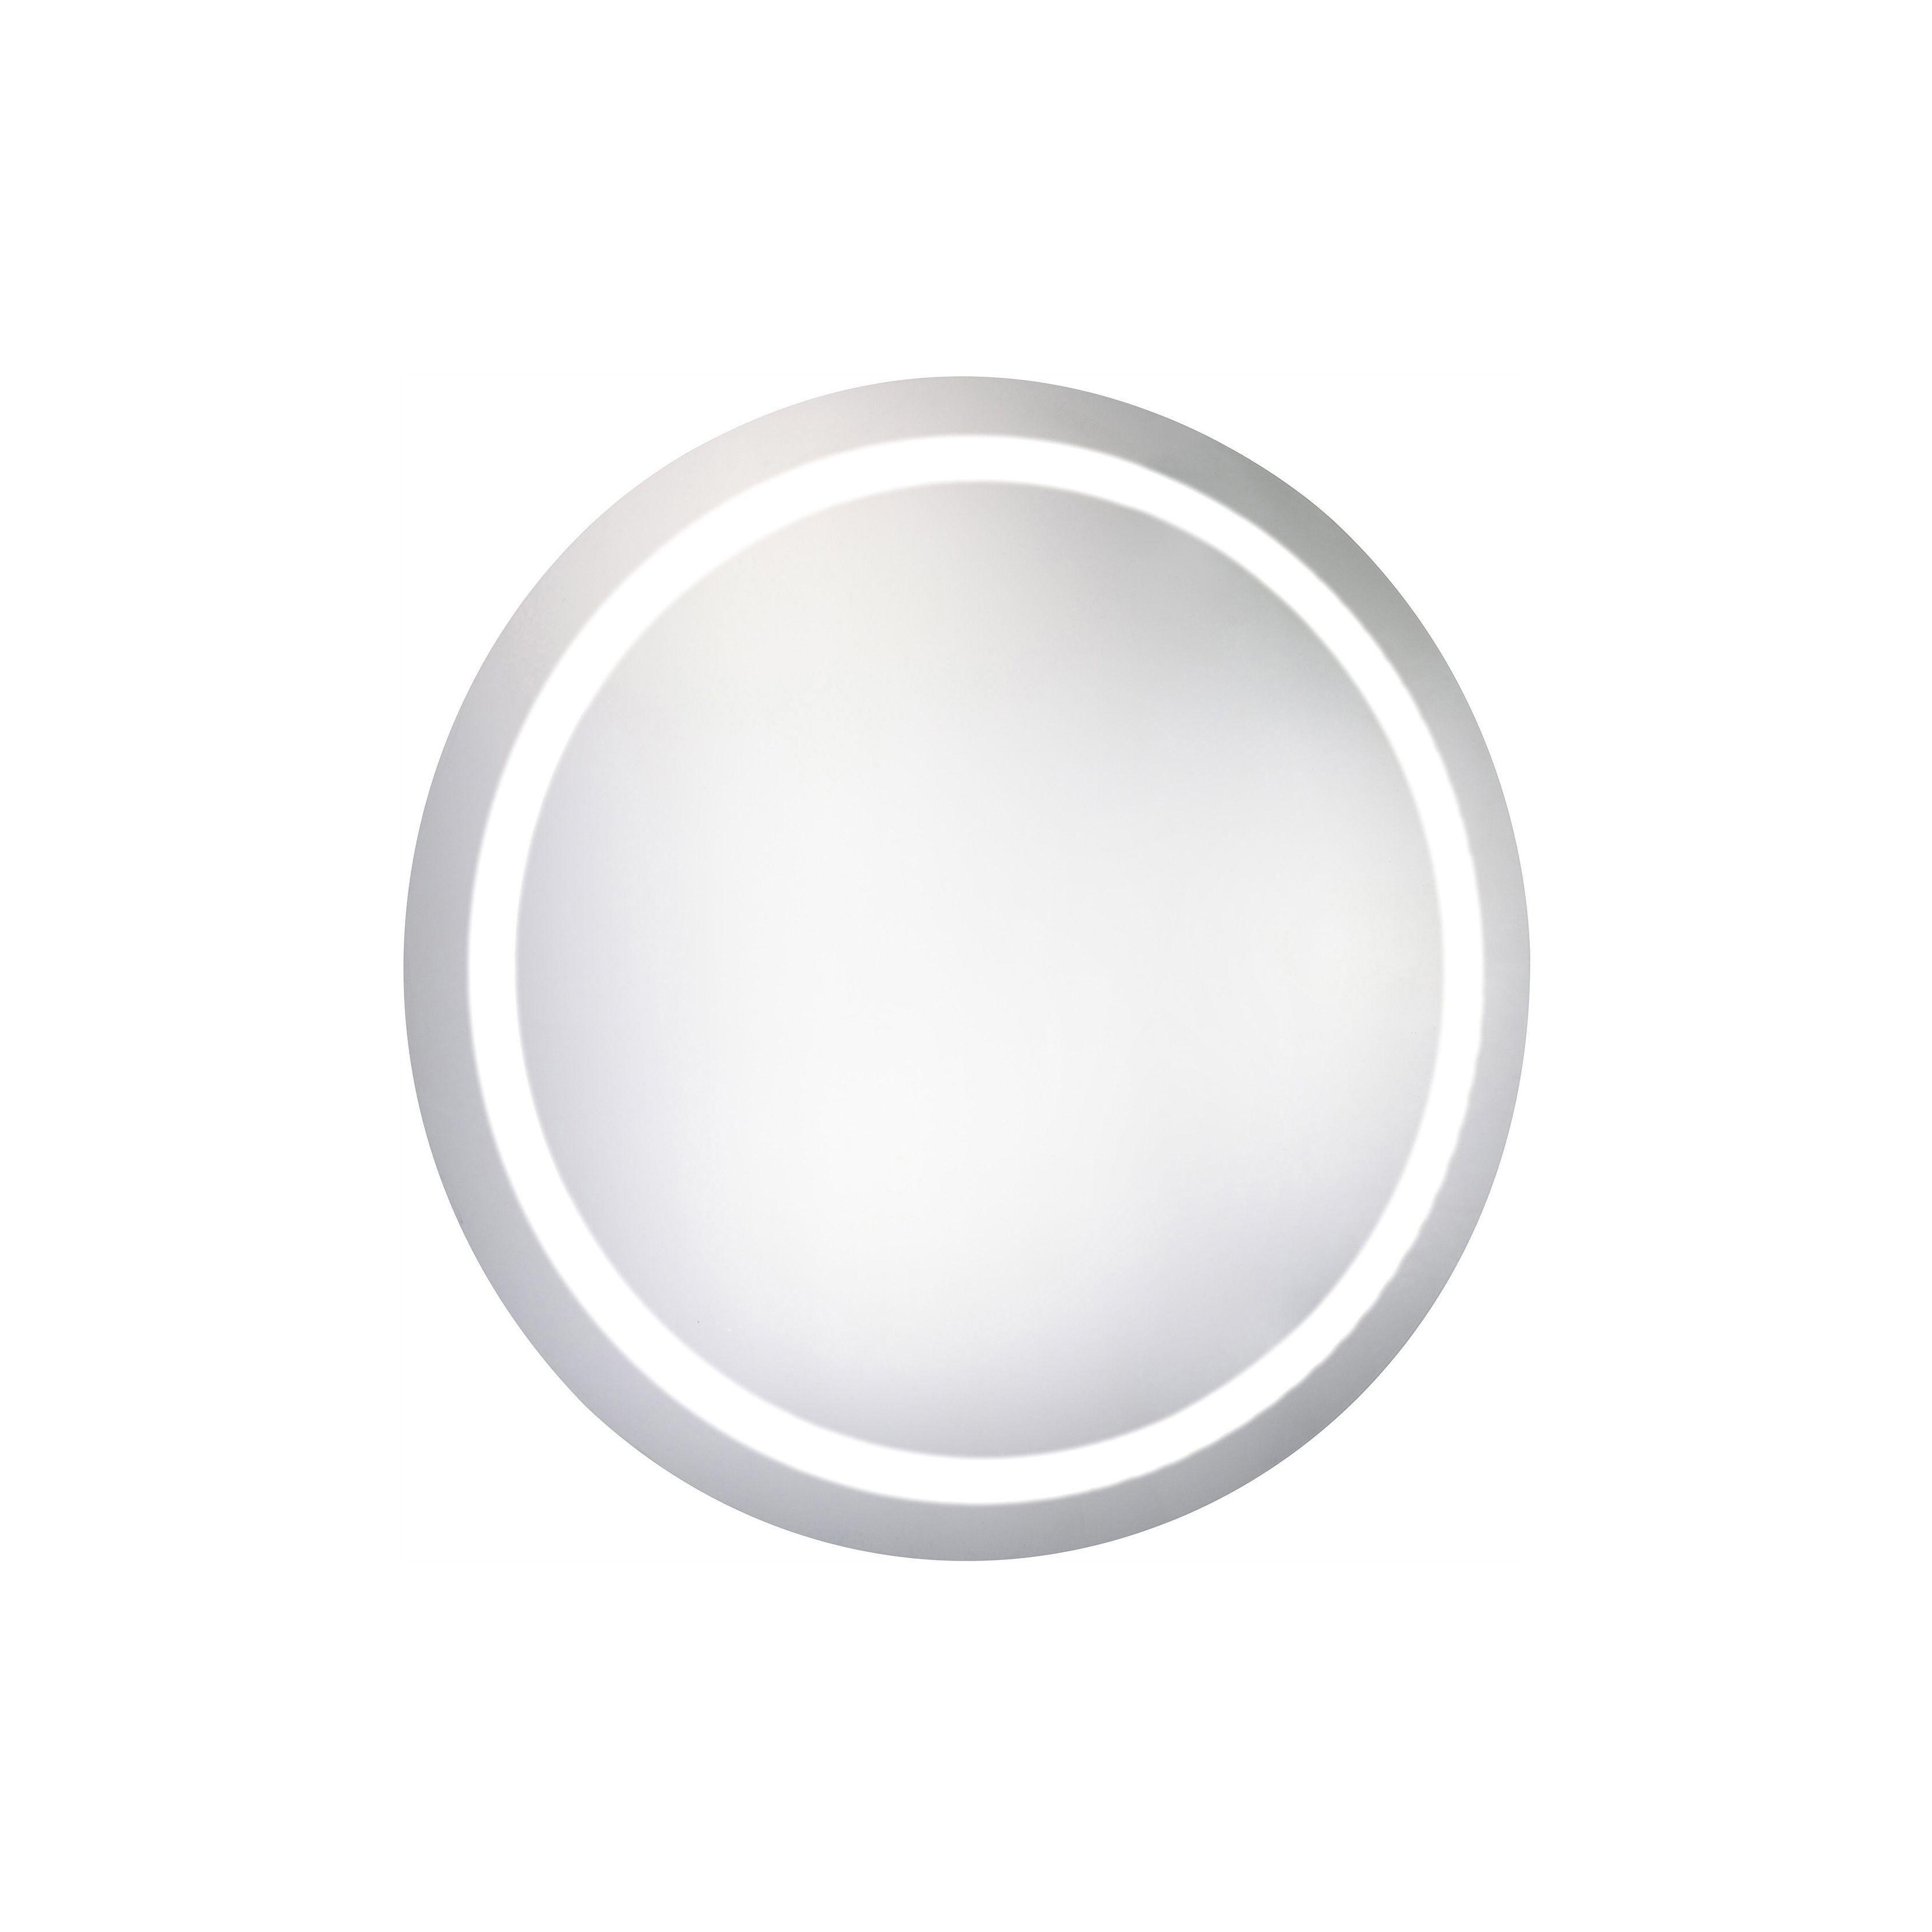 36 inch round mirror double vanity round elegant lighting 36inch round led electric mirror 36inch mirror silver